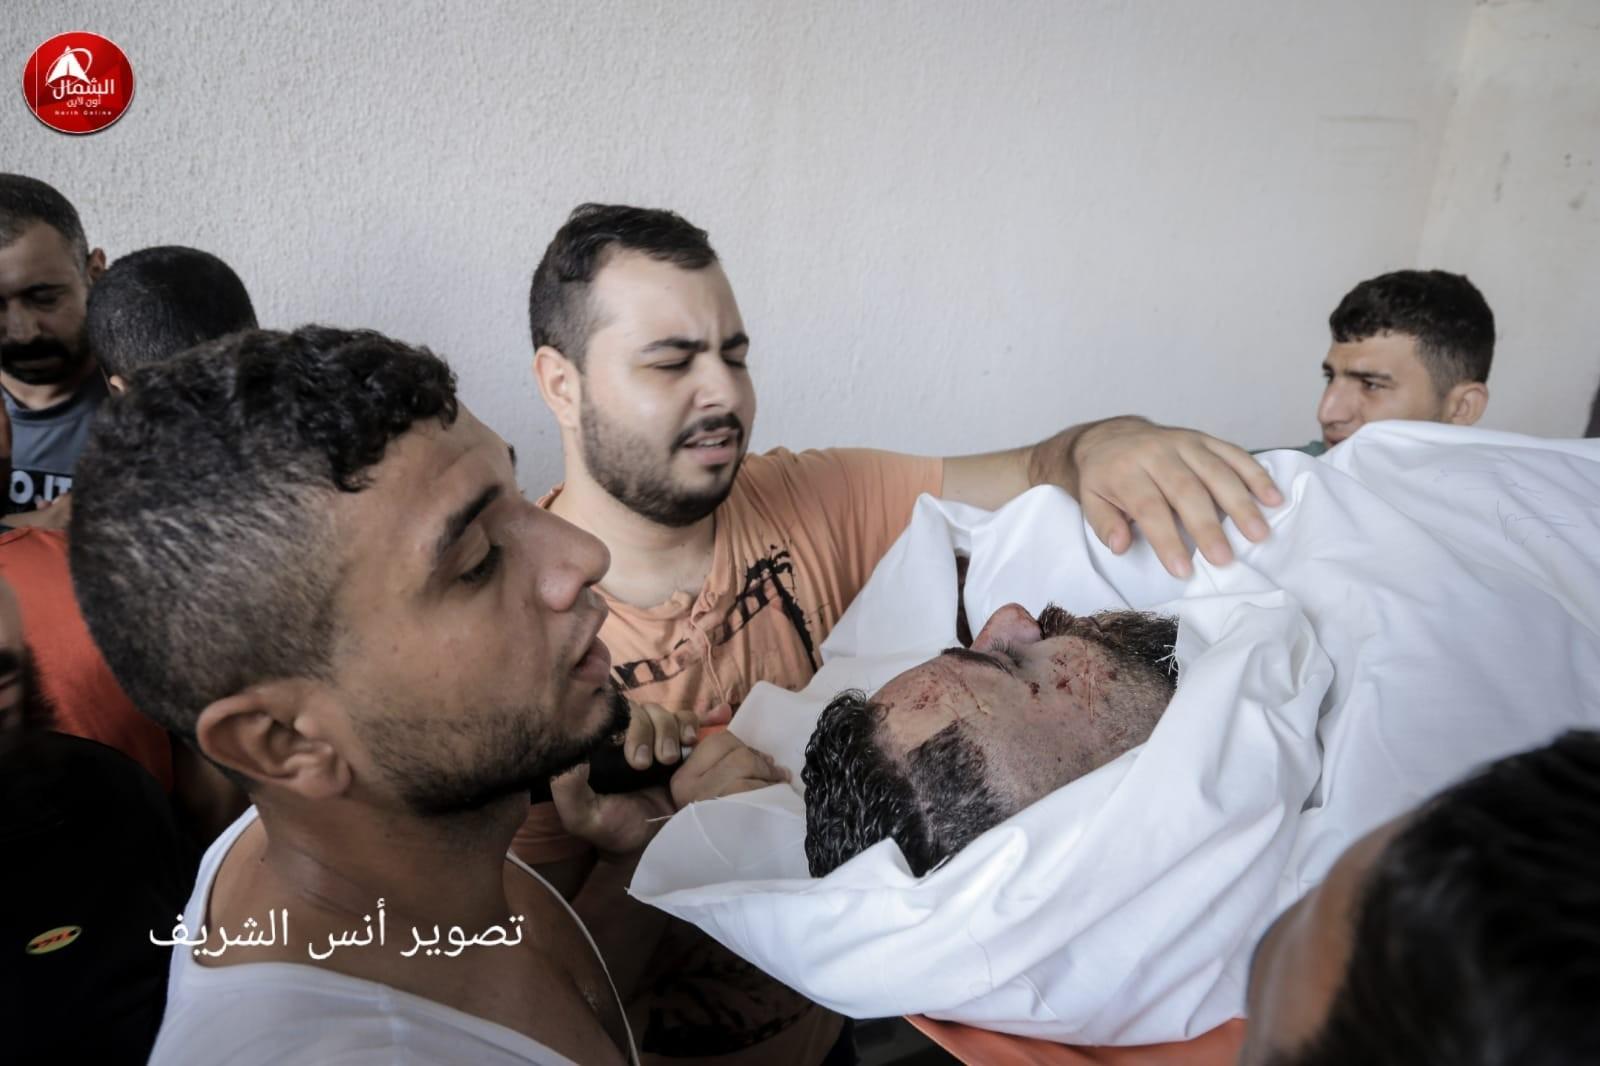 بالصور: استشهاد 3 فلسطينيين برصاص الاحتلال شمال القطاع